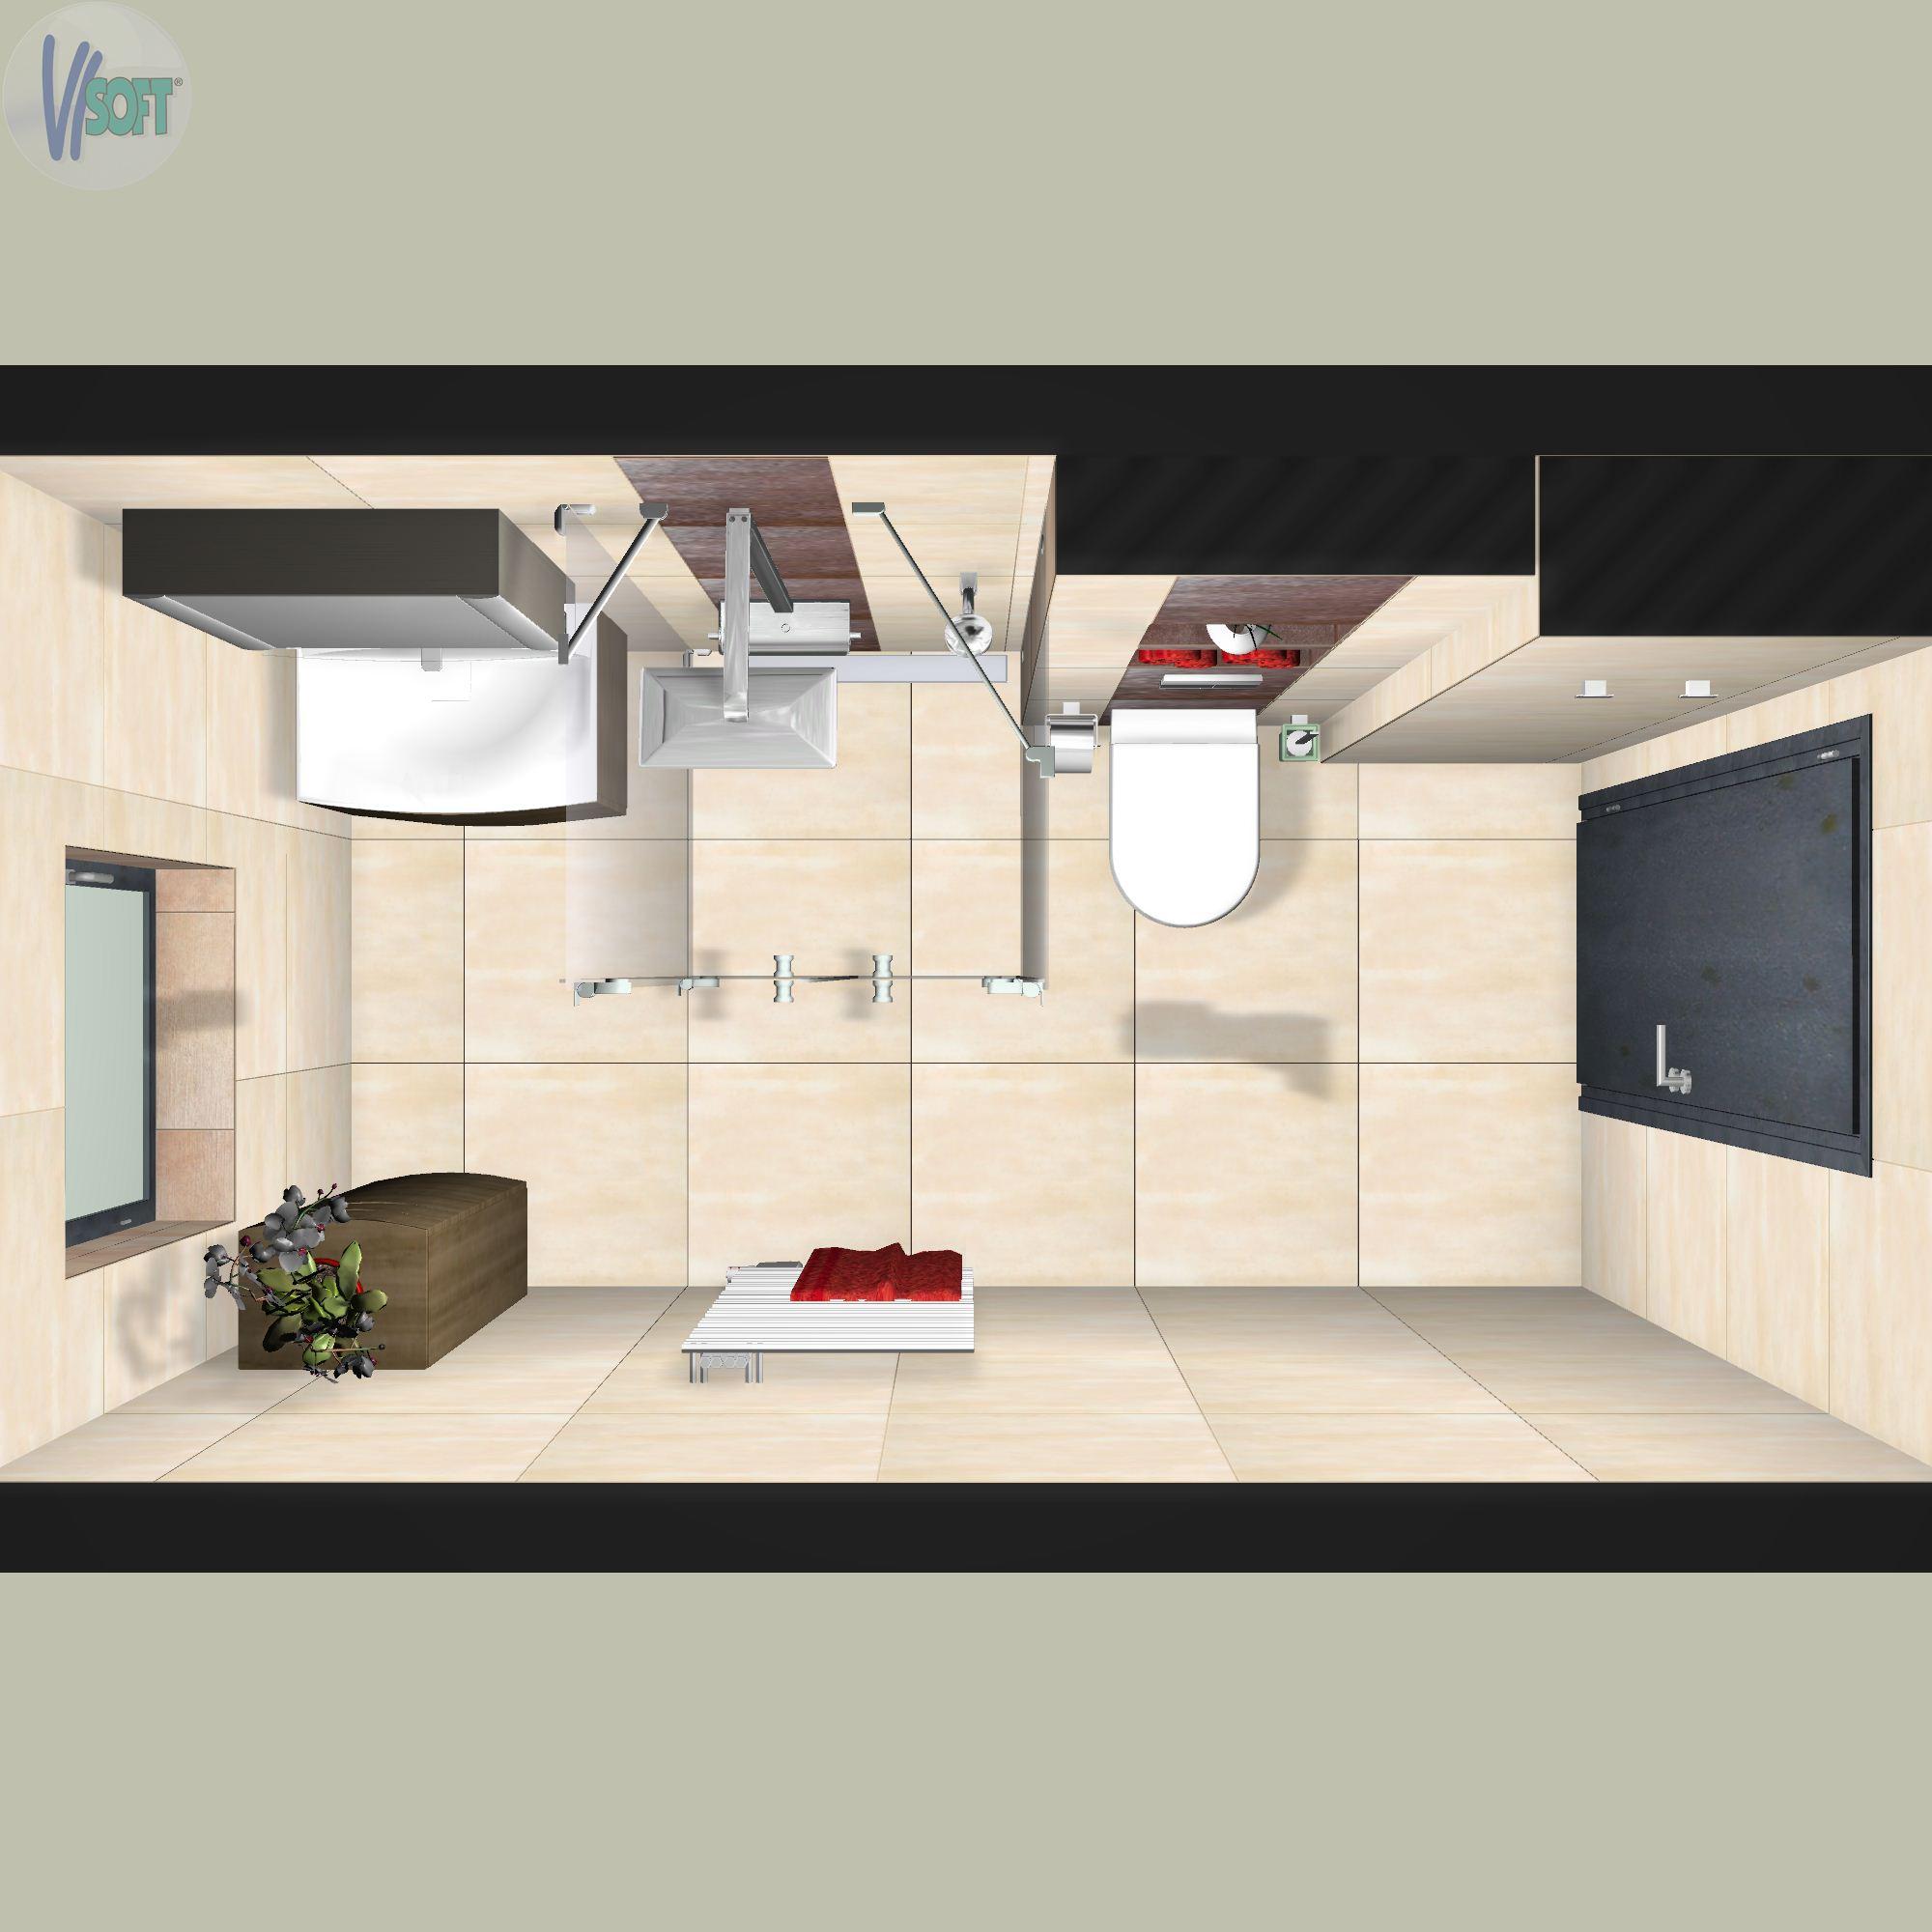 Bad planen kostenlos 3d top kostenlose d raumplaner badezimmer planen d kostenlos jtleigh - Badezimmerplanung 3d kostenlos ...